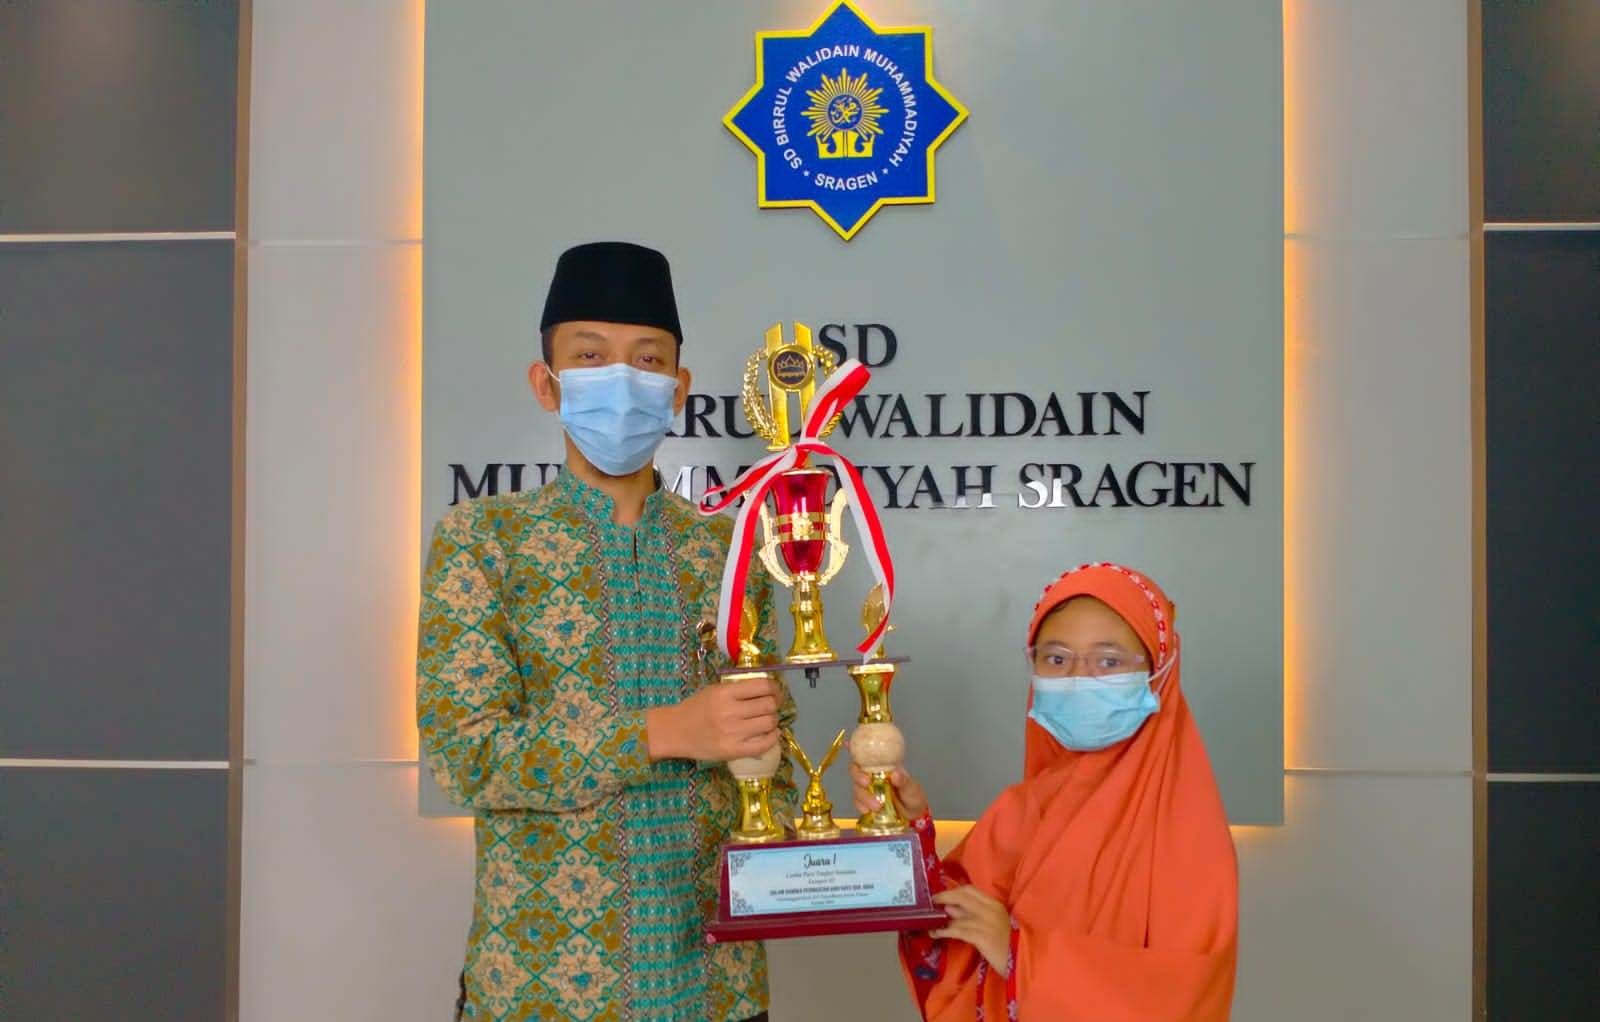 MEMBANGGAKAN: Larasnissa Wandan Nilam Kusumastuti (kiri) bersama Kepala Sekolah SD Birul Walidain Annas Sayidina (kanan) saat menunjukkan trofi. (MUKHTARUL HAFIDH/LINGKARJATENG.CO.ID)